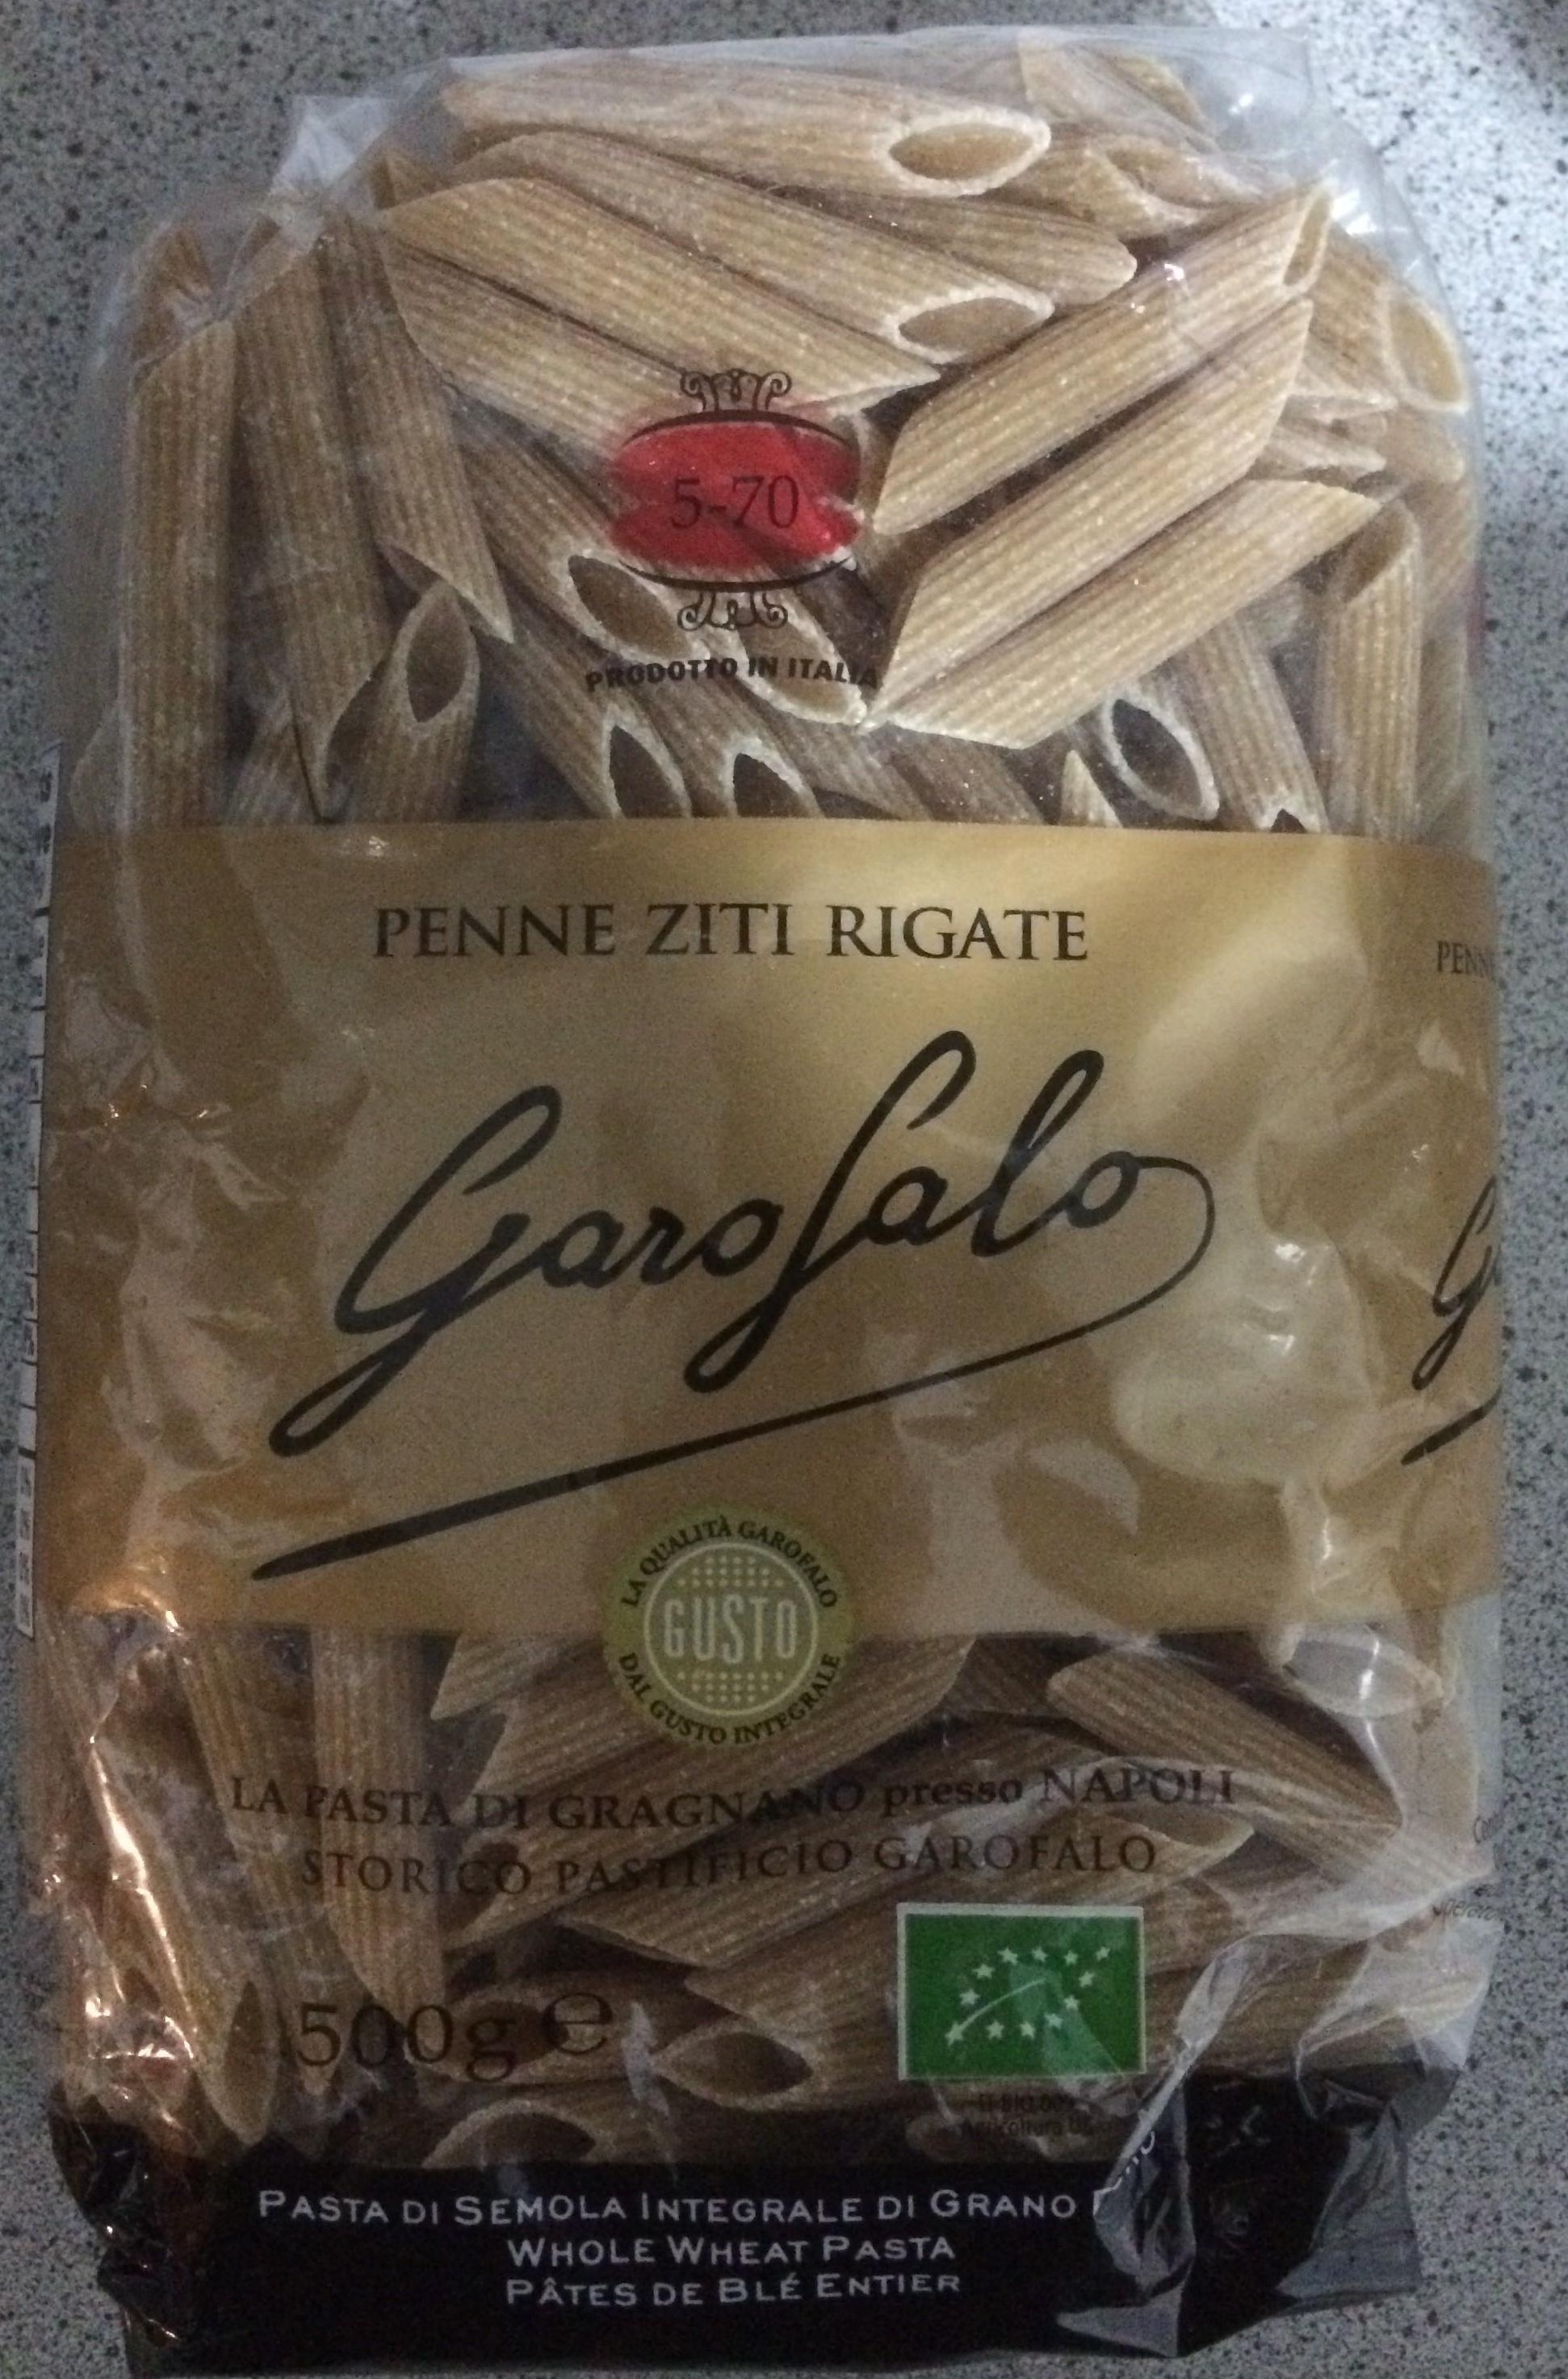 N°5-70  Penne Ziti Rigate Integrale Biologico - Produit